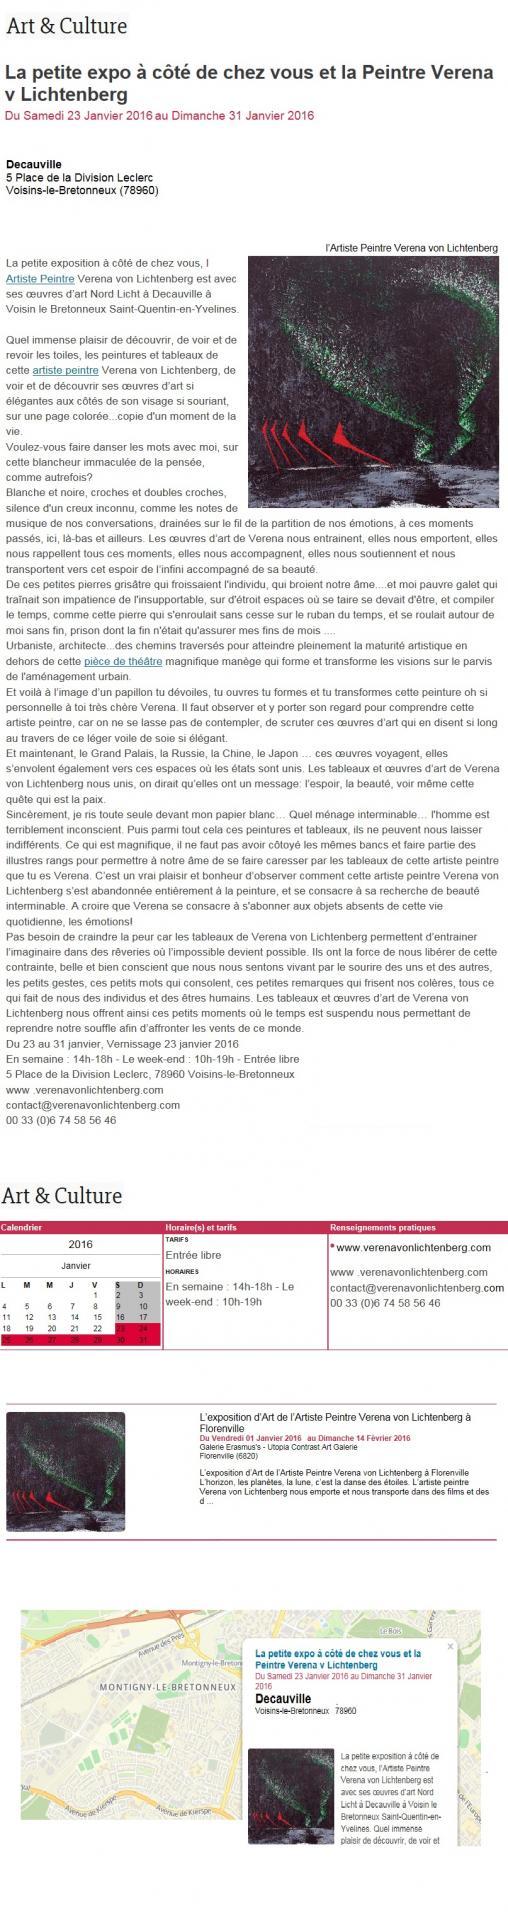 Presse l artiste peintre verena von lichtenebrg et l esposition d art nord licht des tableaux et oeuvres d art a saint quentin en yvelines paris tokyo ou new york